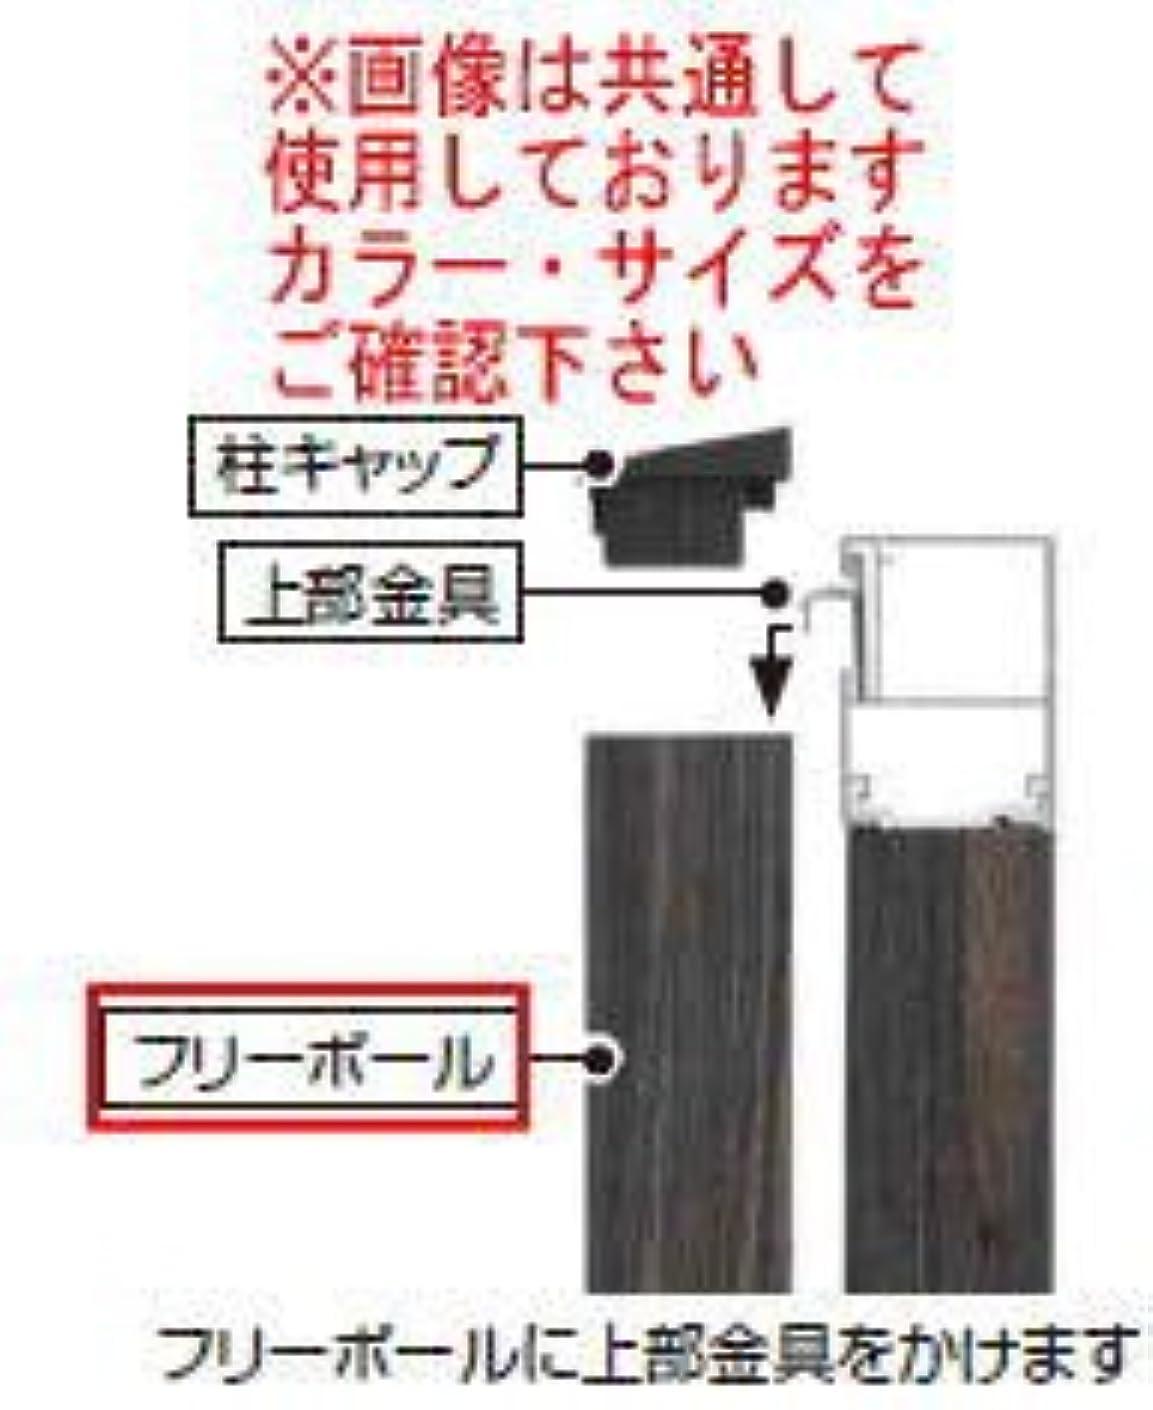 タカショー デザイナーズスタイルフェンス 高強度フリーポール(横板貼40幅+80幅用)H06 ラスティコッパー 35×35×L786